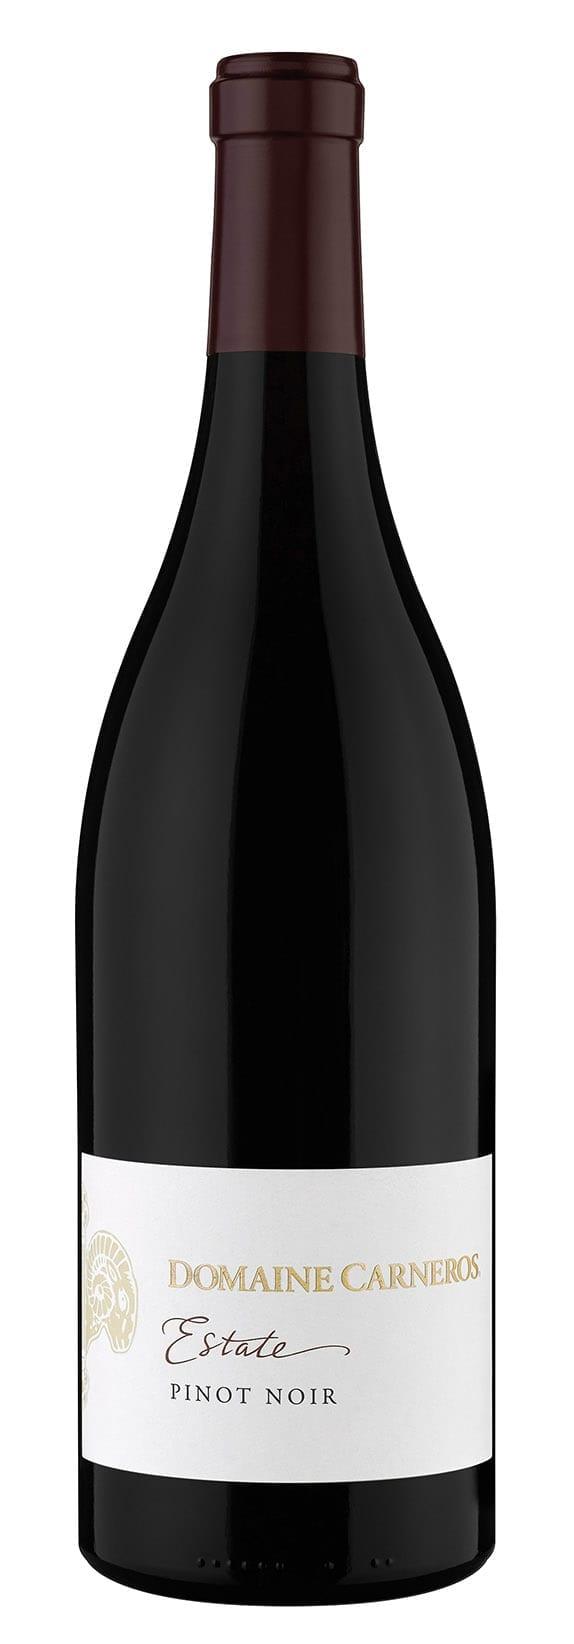 Domaine Carneros, estate Pinot noir